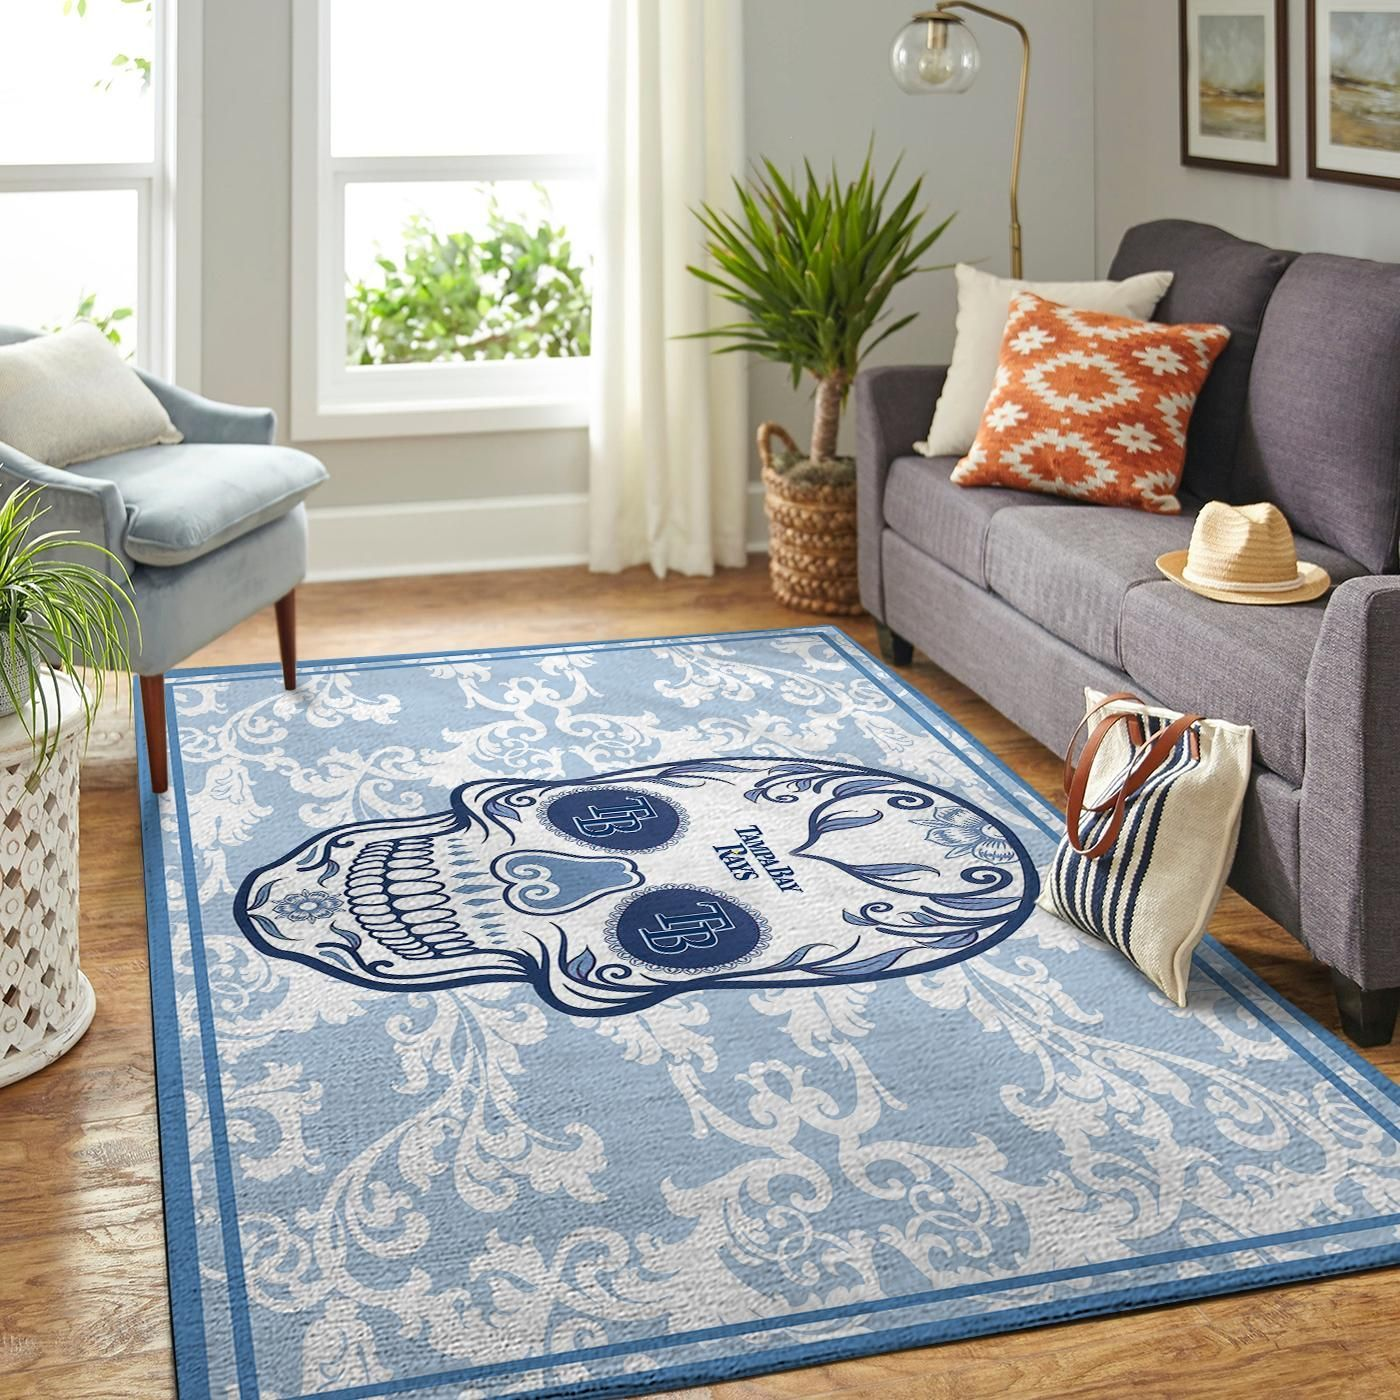 Amazon Tampa Bay Rays Living Room Area No5094 Rug